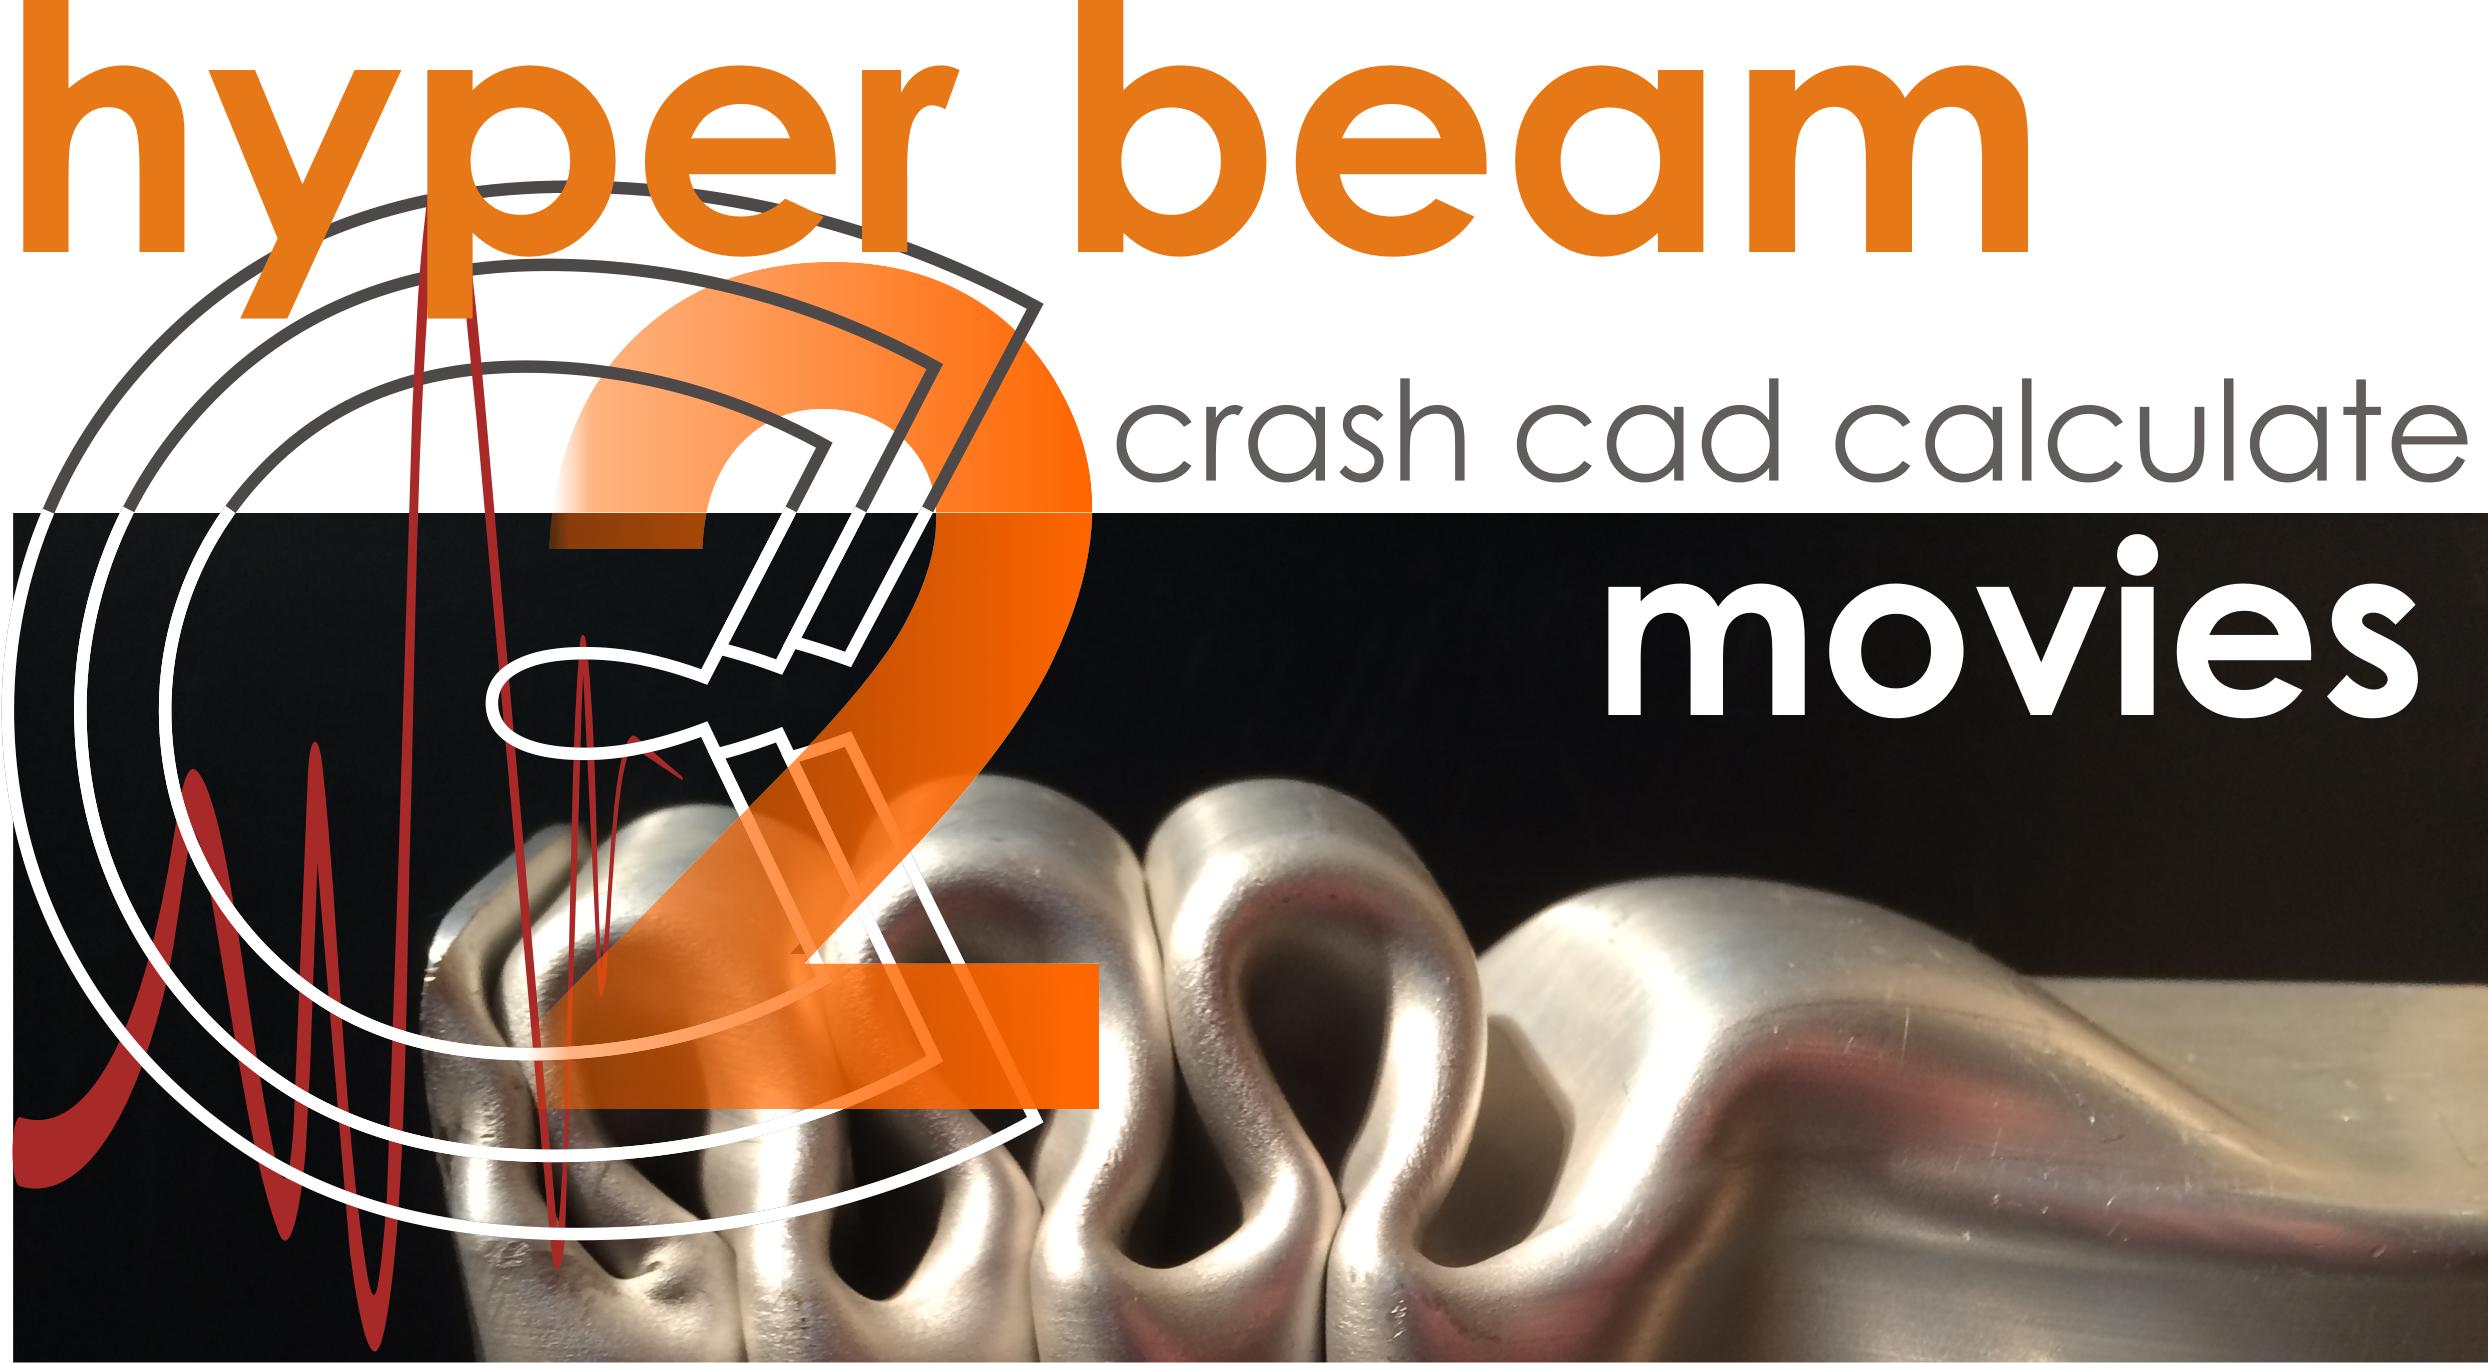 Crash Cad Calculate and HyperBeam Demo